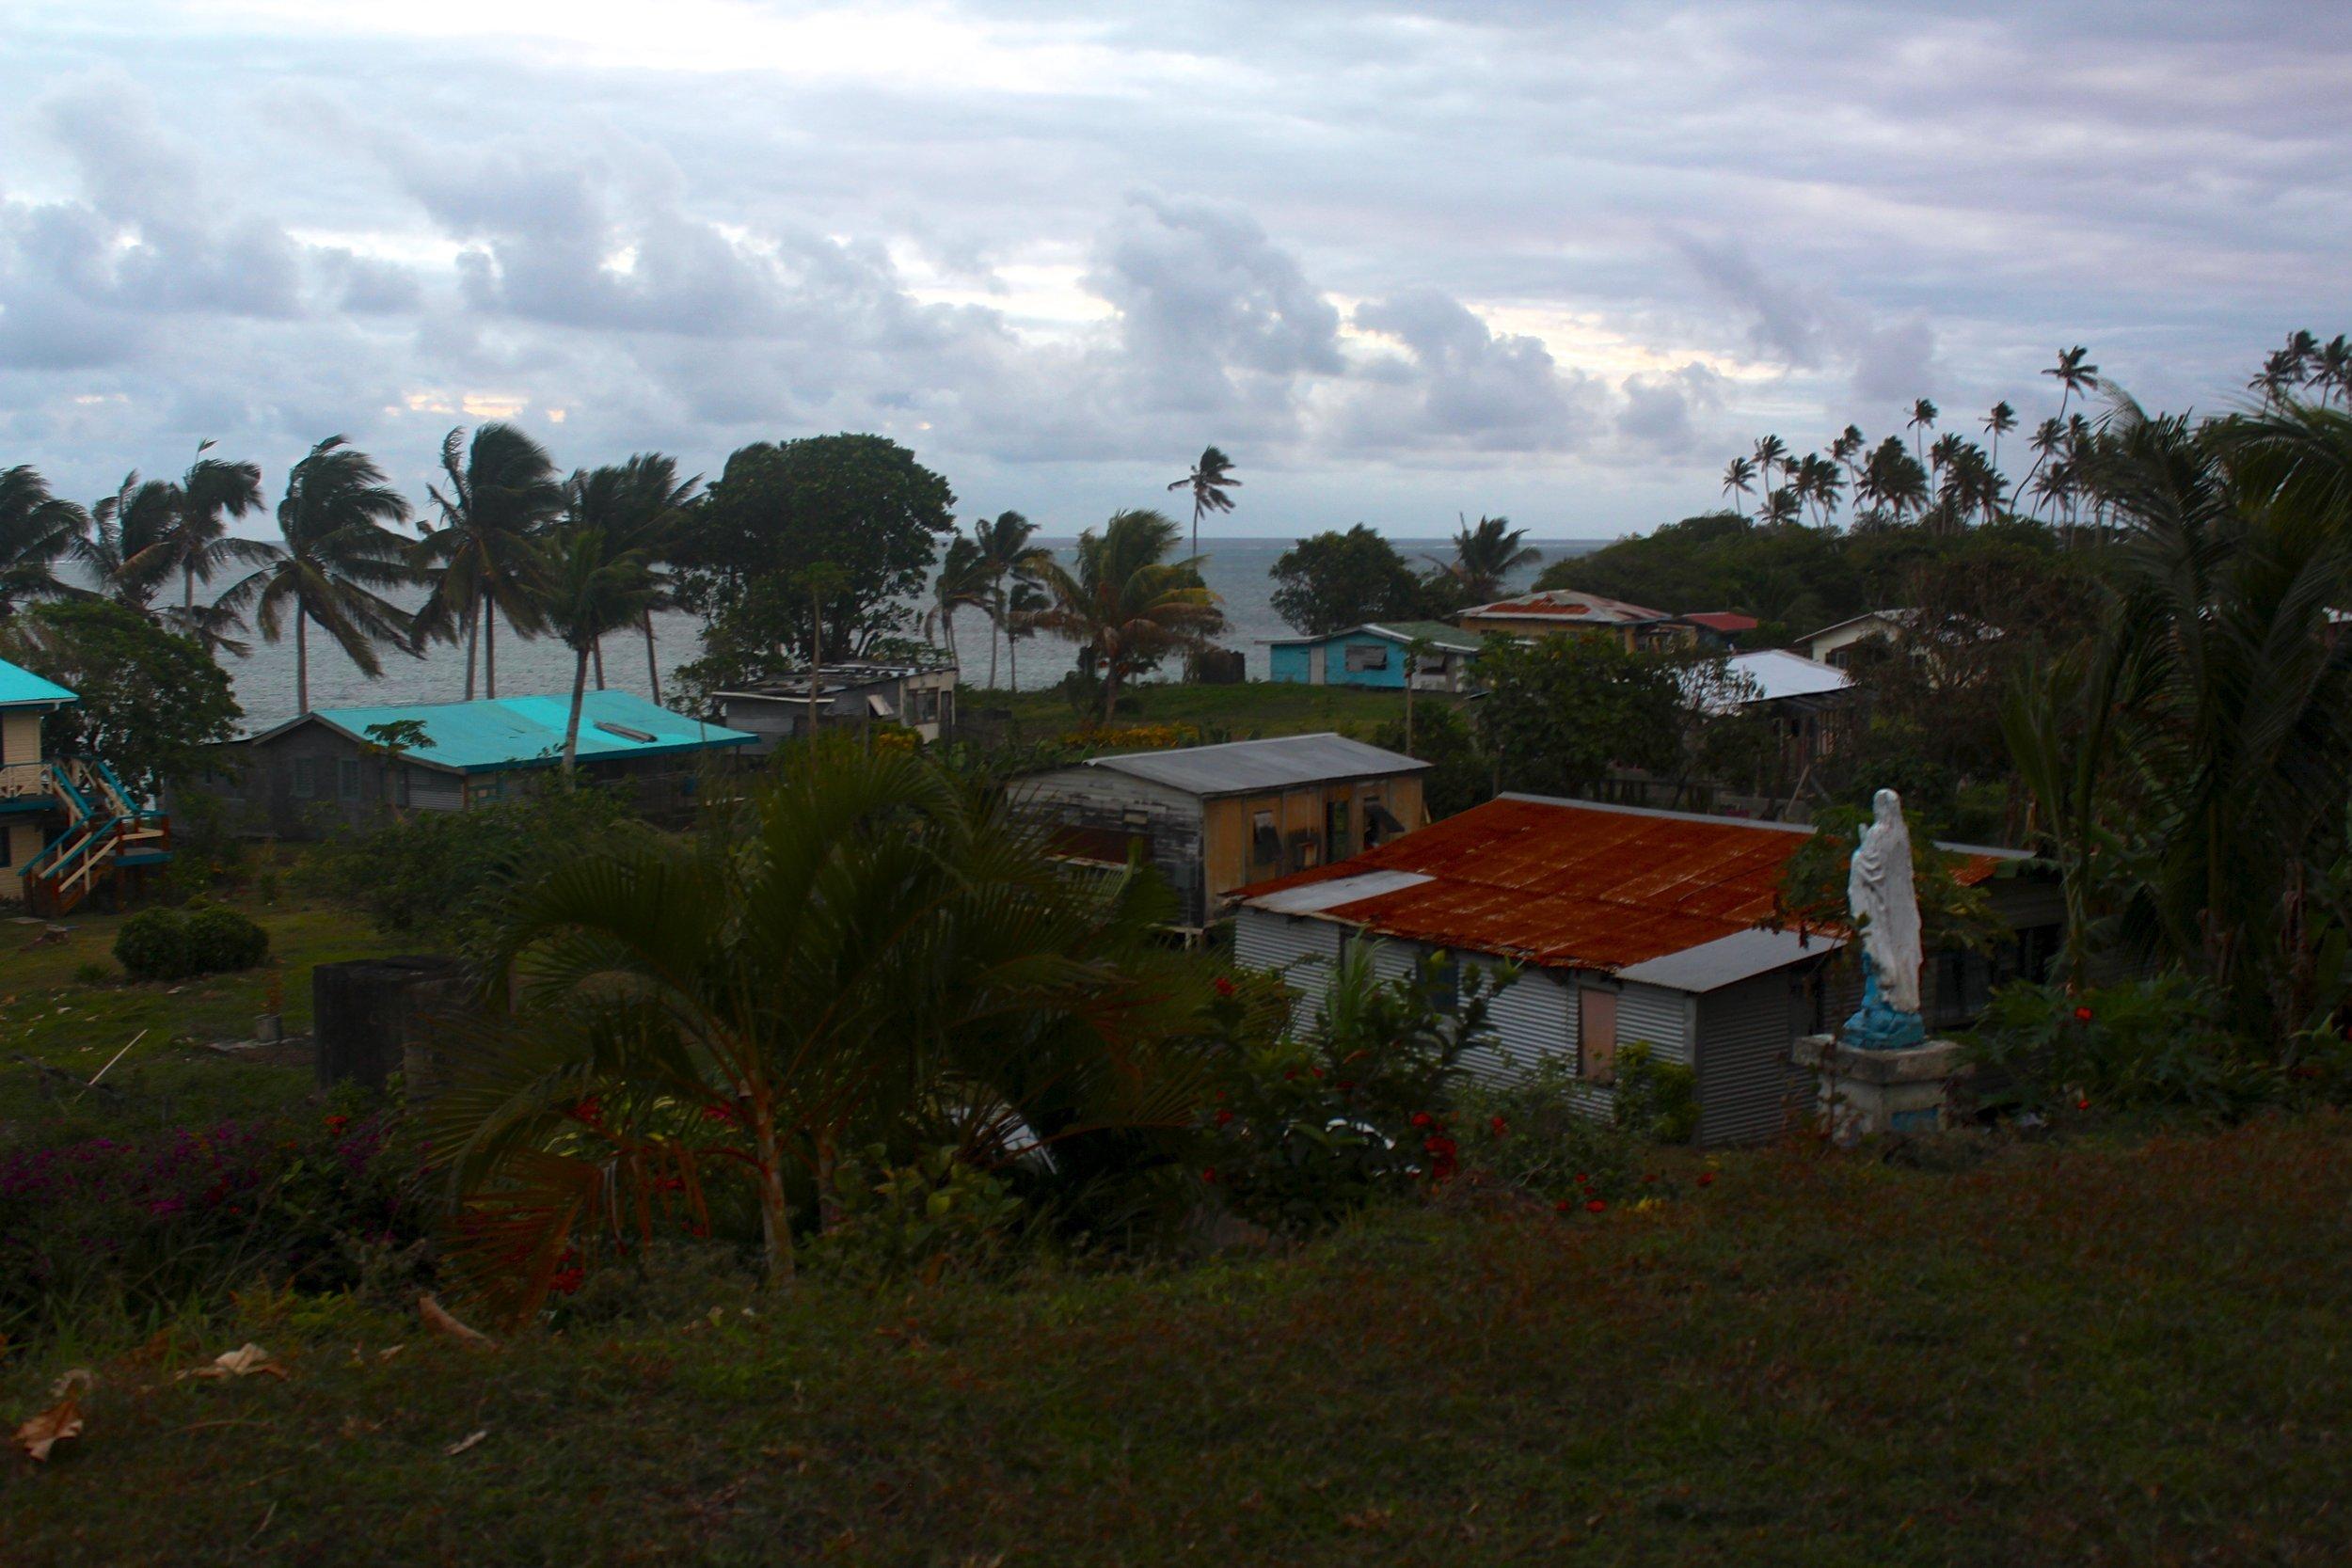 Vuna view